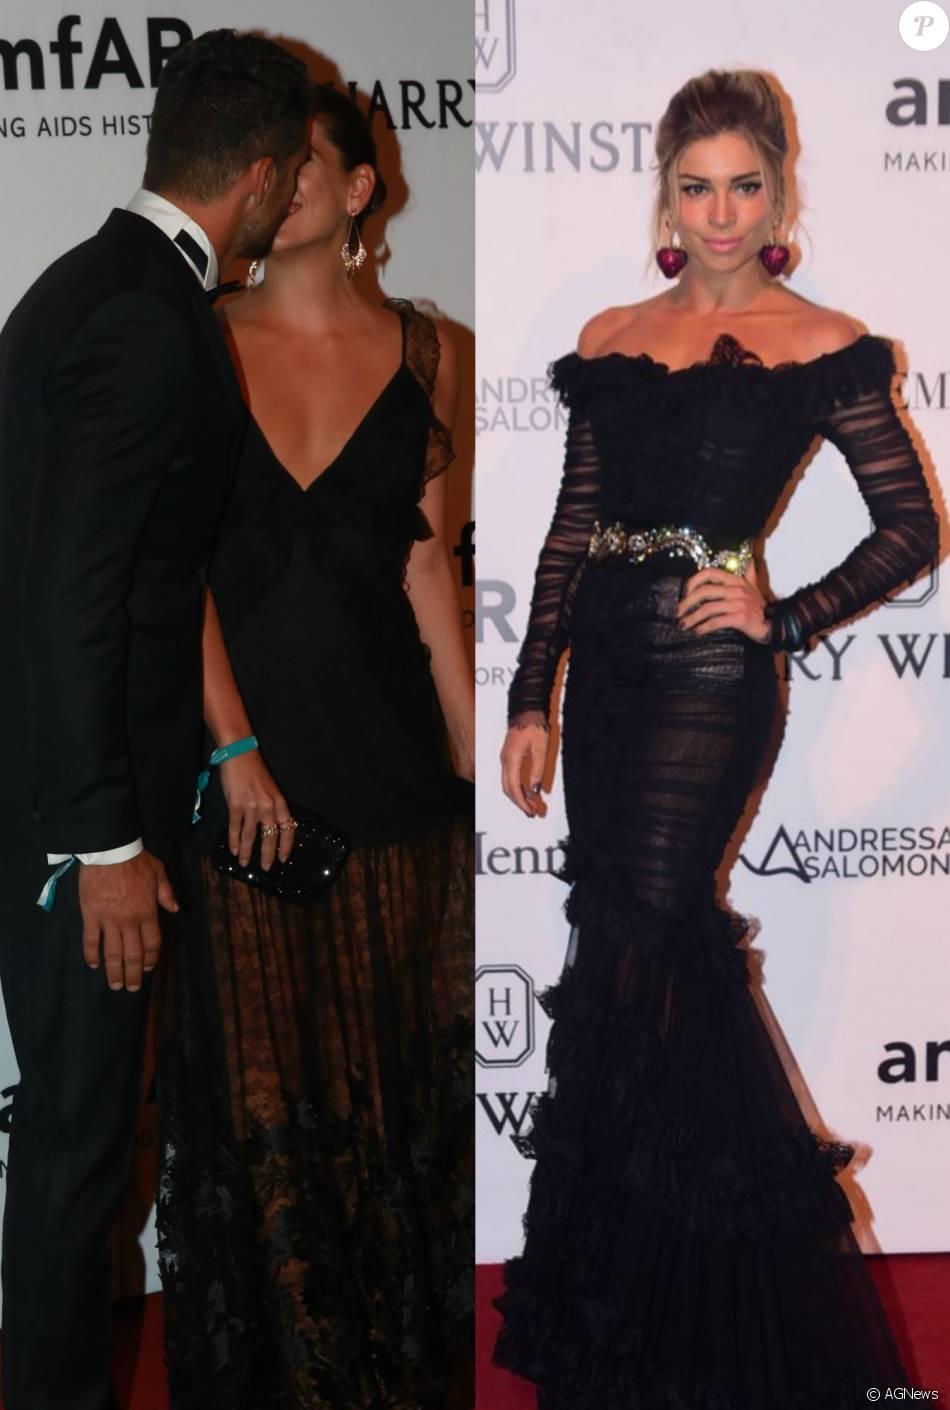 Cauã Reymond beijou a nova namorada, Mariana Goldfarb, em evento que também contou com a presença da sua ex-mulher e mãe de sua filha Grazi Massafera, na noite de sexta-feira, 15 de abril de 2016